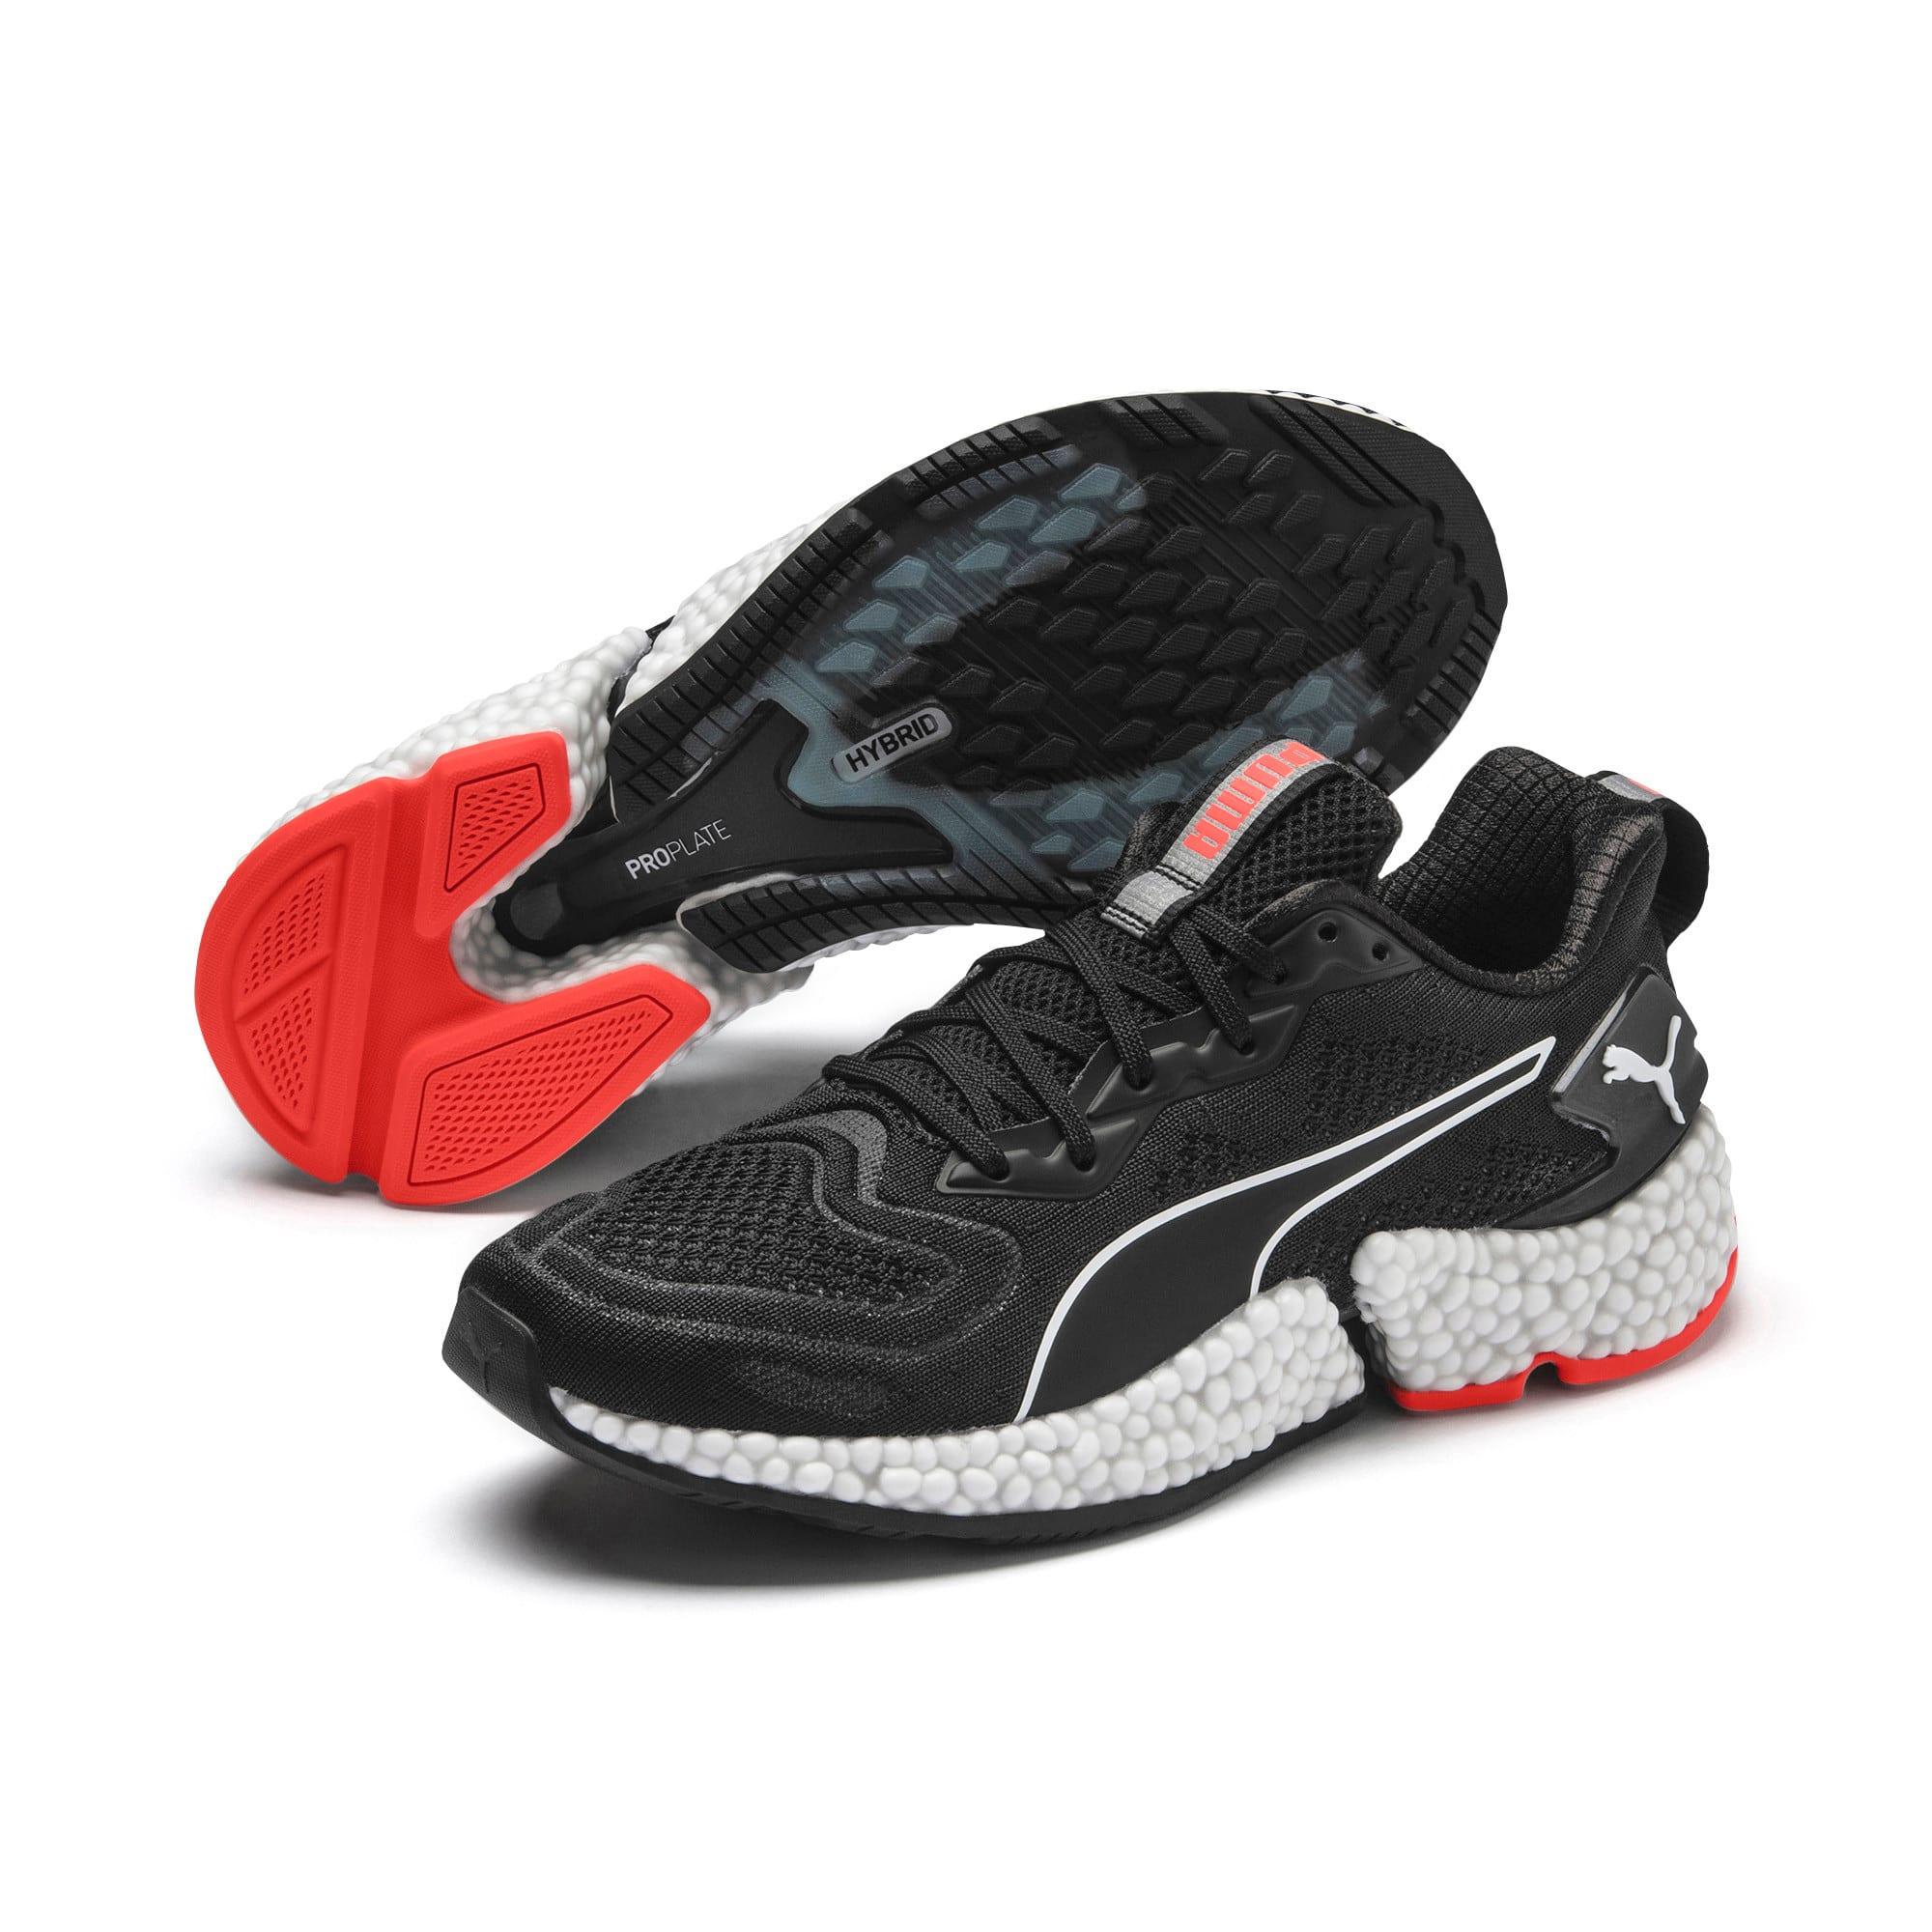 Thumbnail 3 of HYBRID SPEED Orbiter Women's Running Shoes, Black-Red-Milky Blue-White, medium